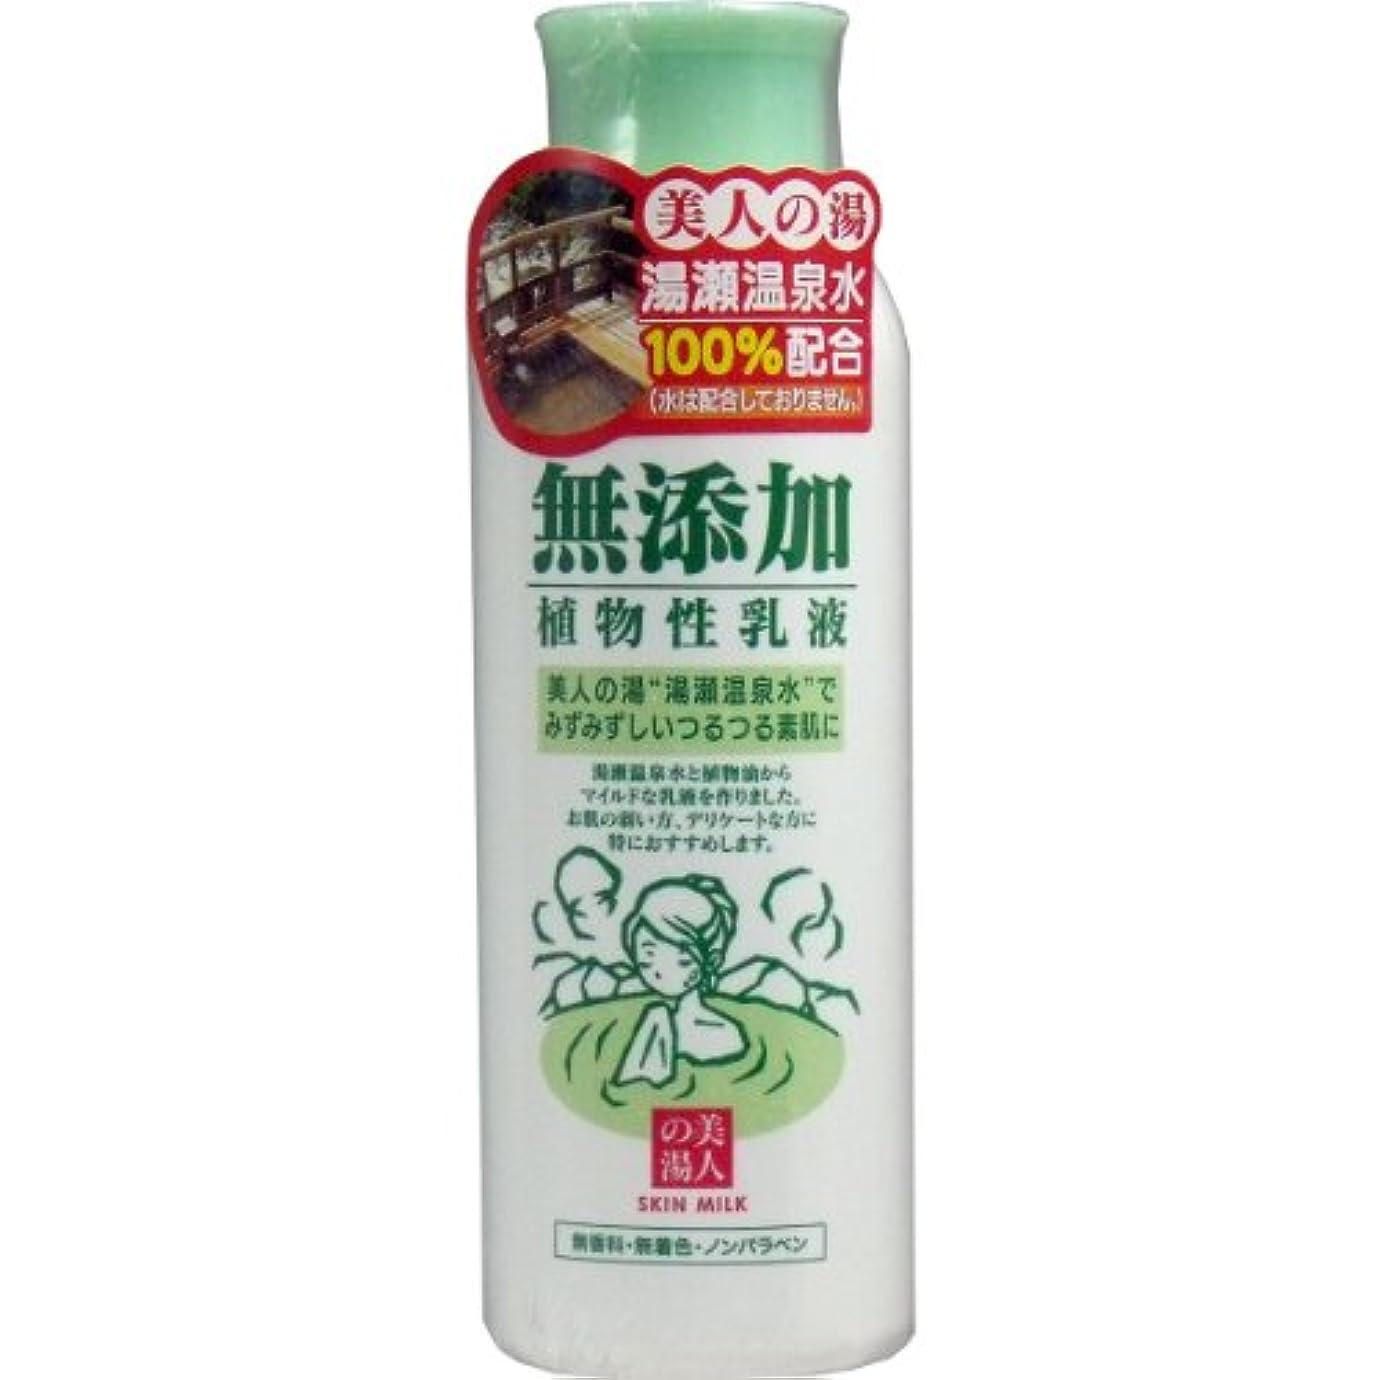 チームわかる心からユゼ 無添加植物性乳液 150ml